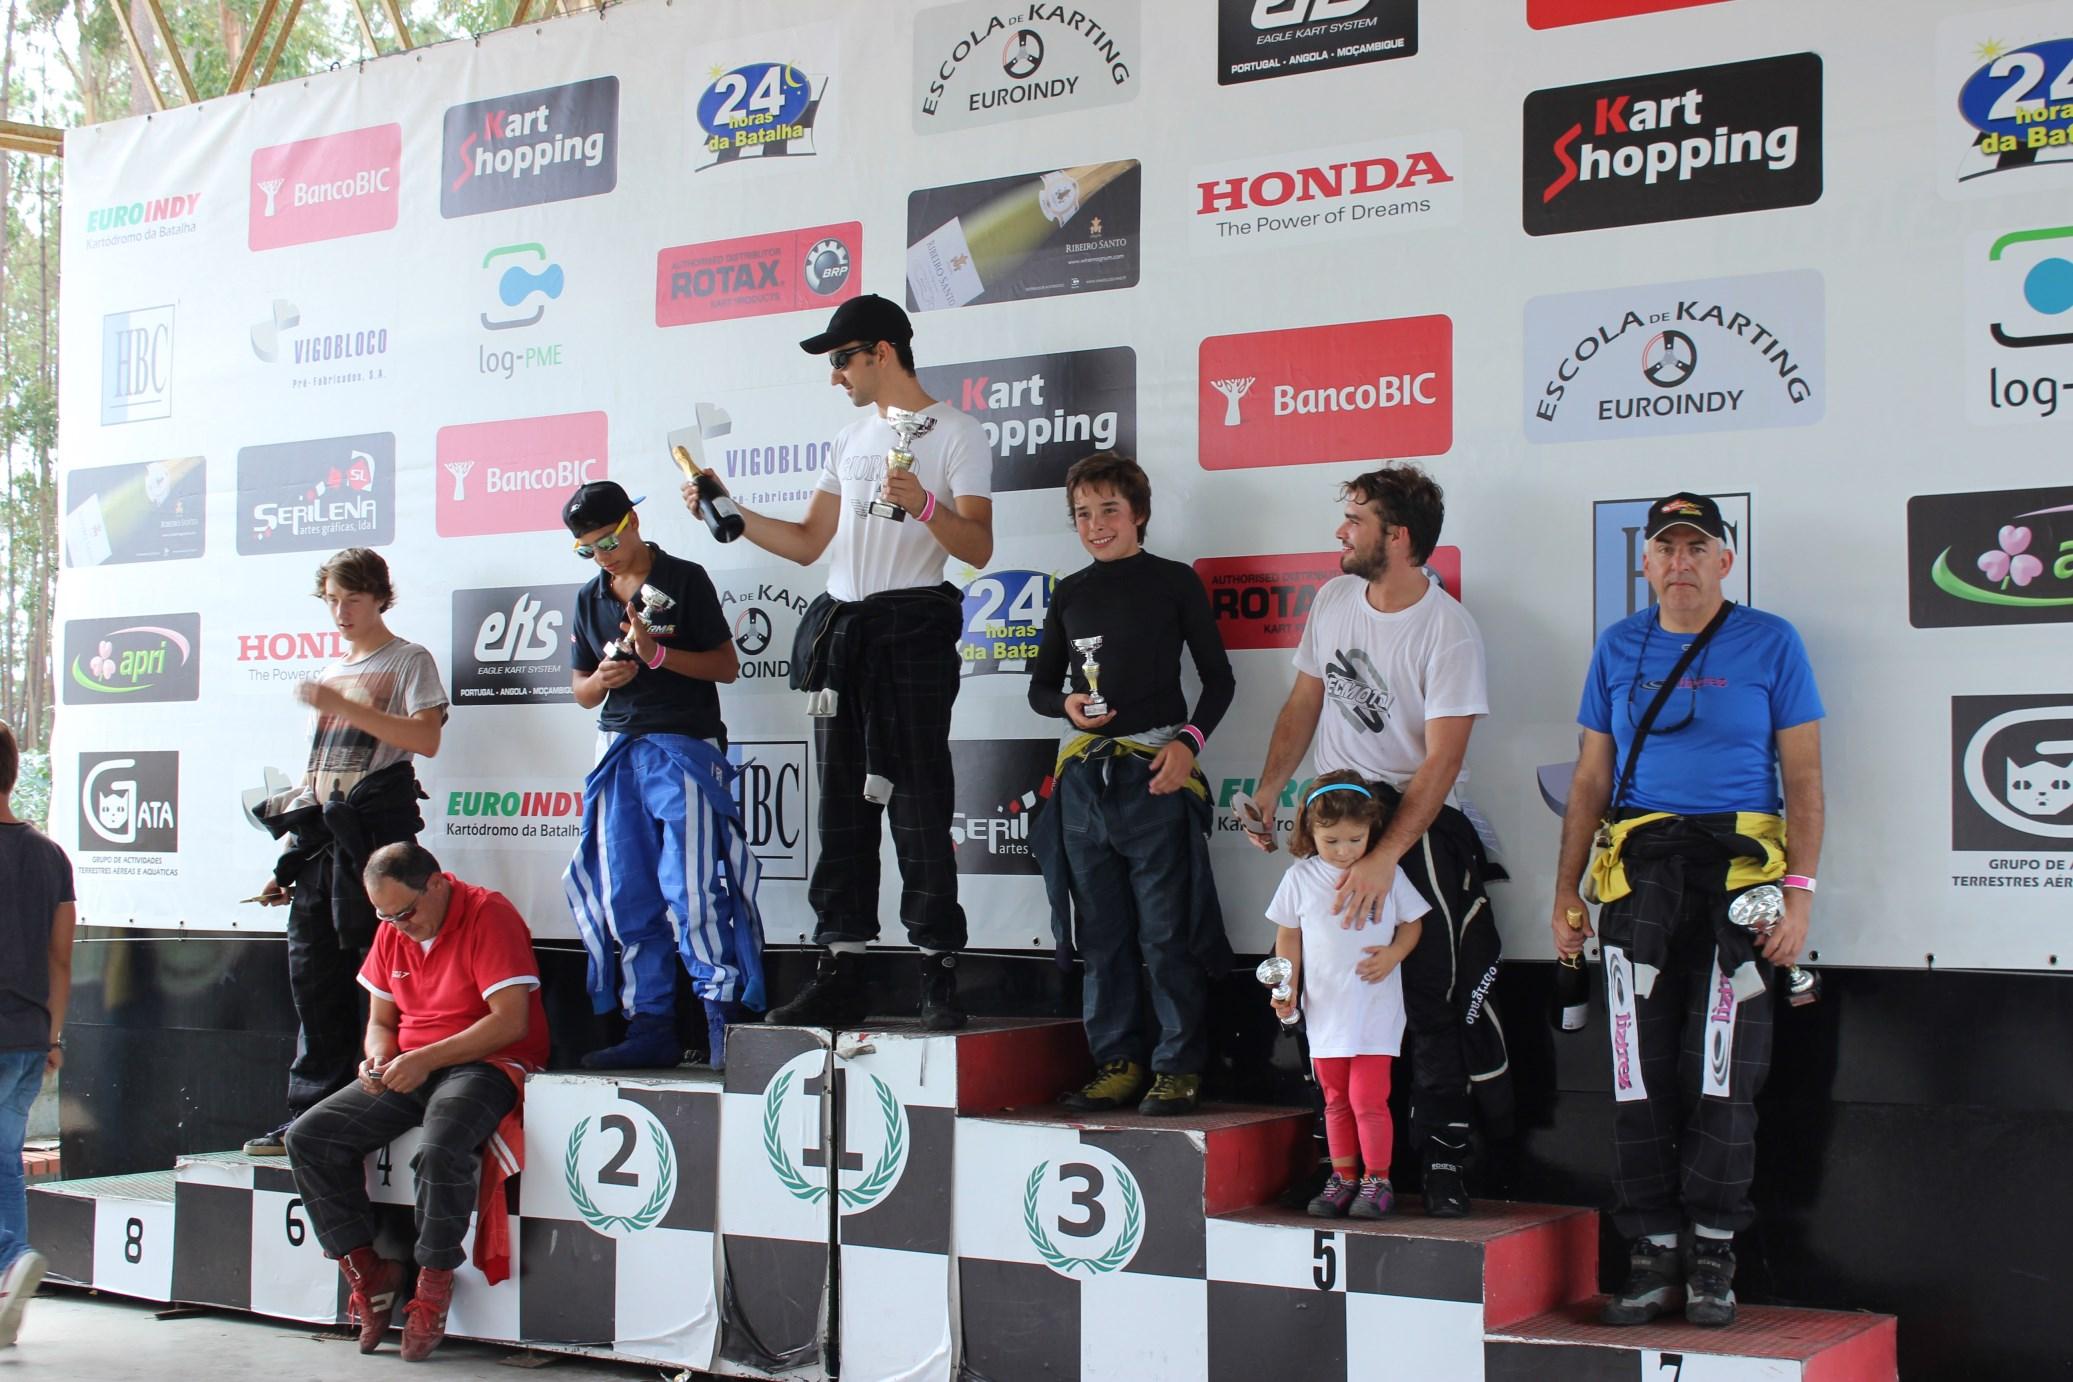 Troféu Honda 2014 - 3ª Prova261